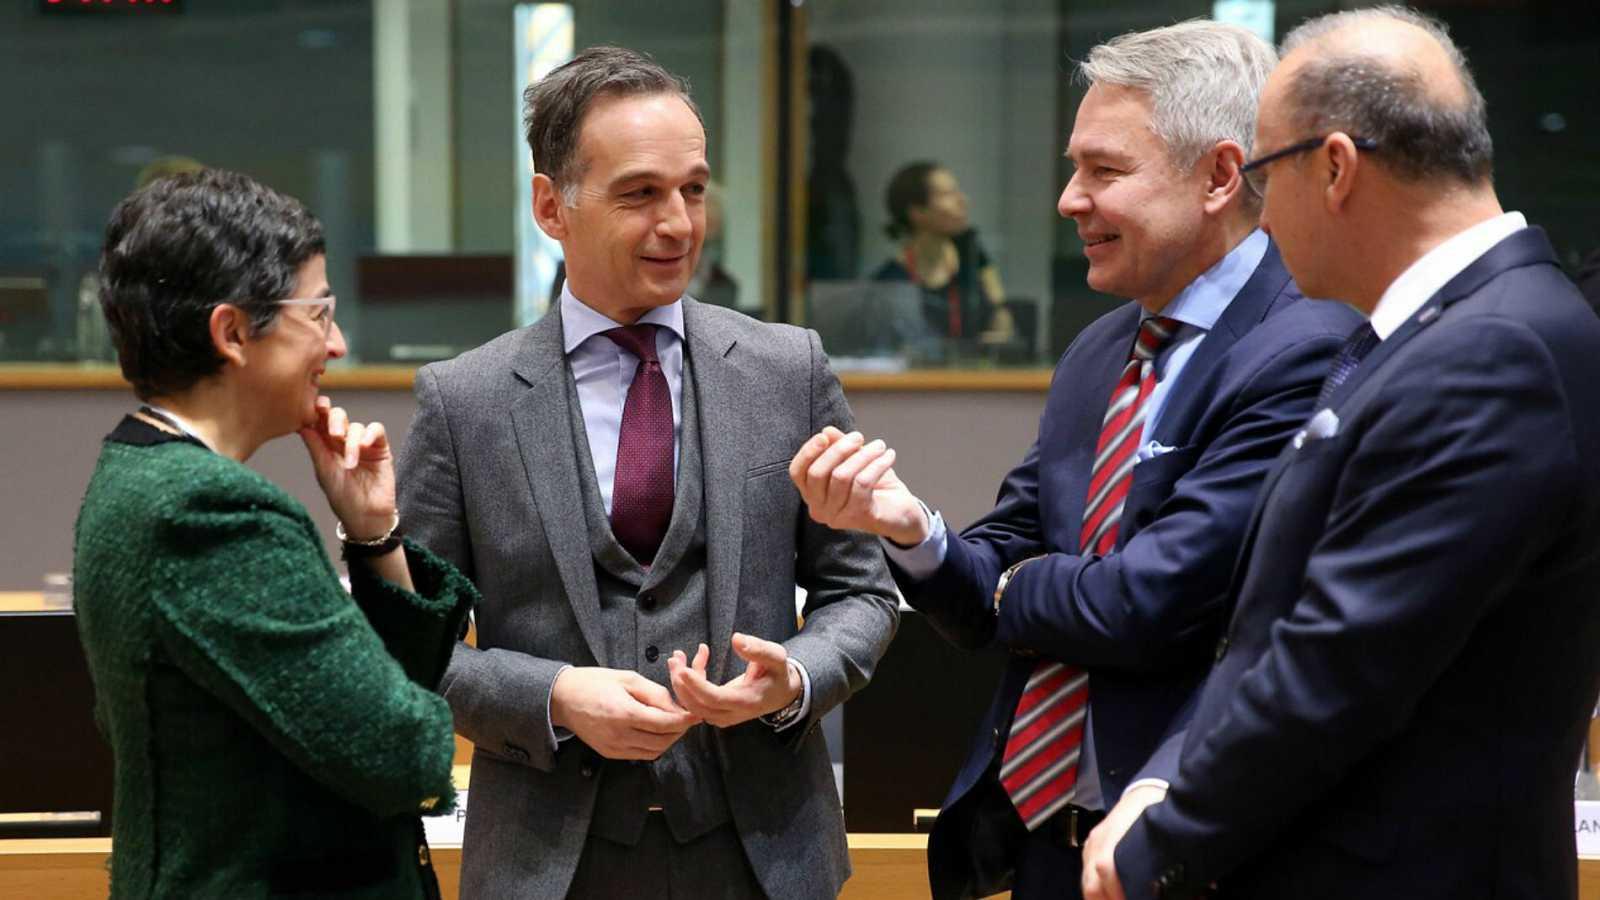 González Laya charla con otros representantes durante el Consejo de ministros de Exteriores de la UE